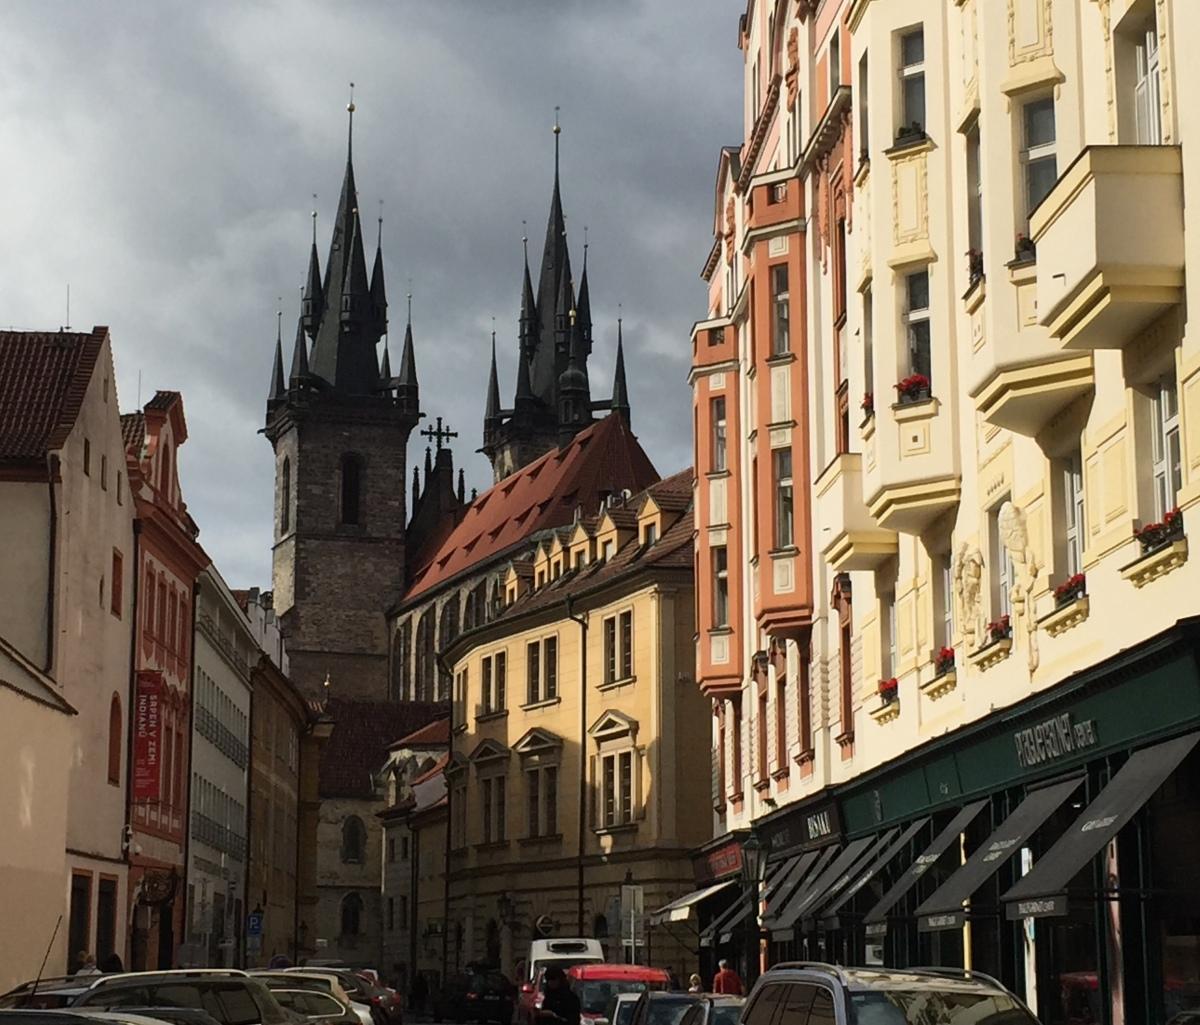 Prague in images